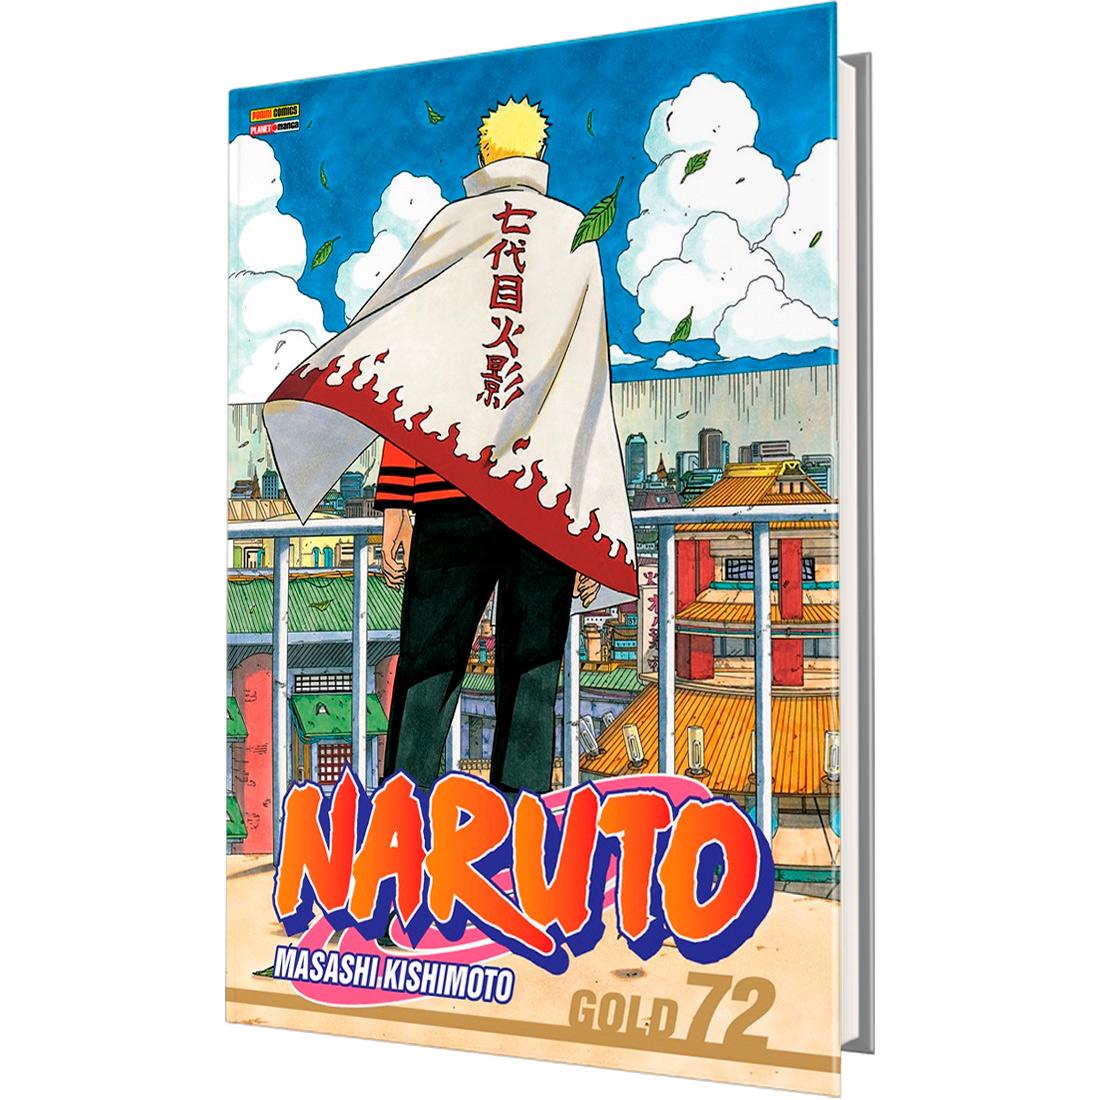 Naruto Gold Vol. 72